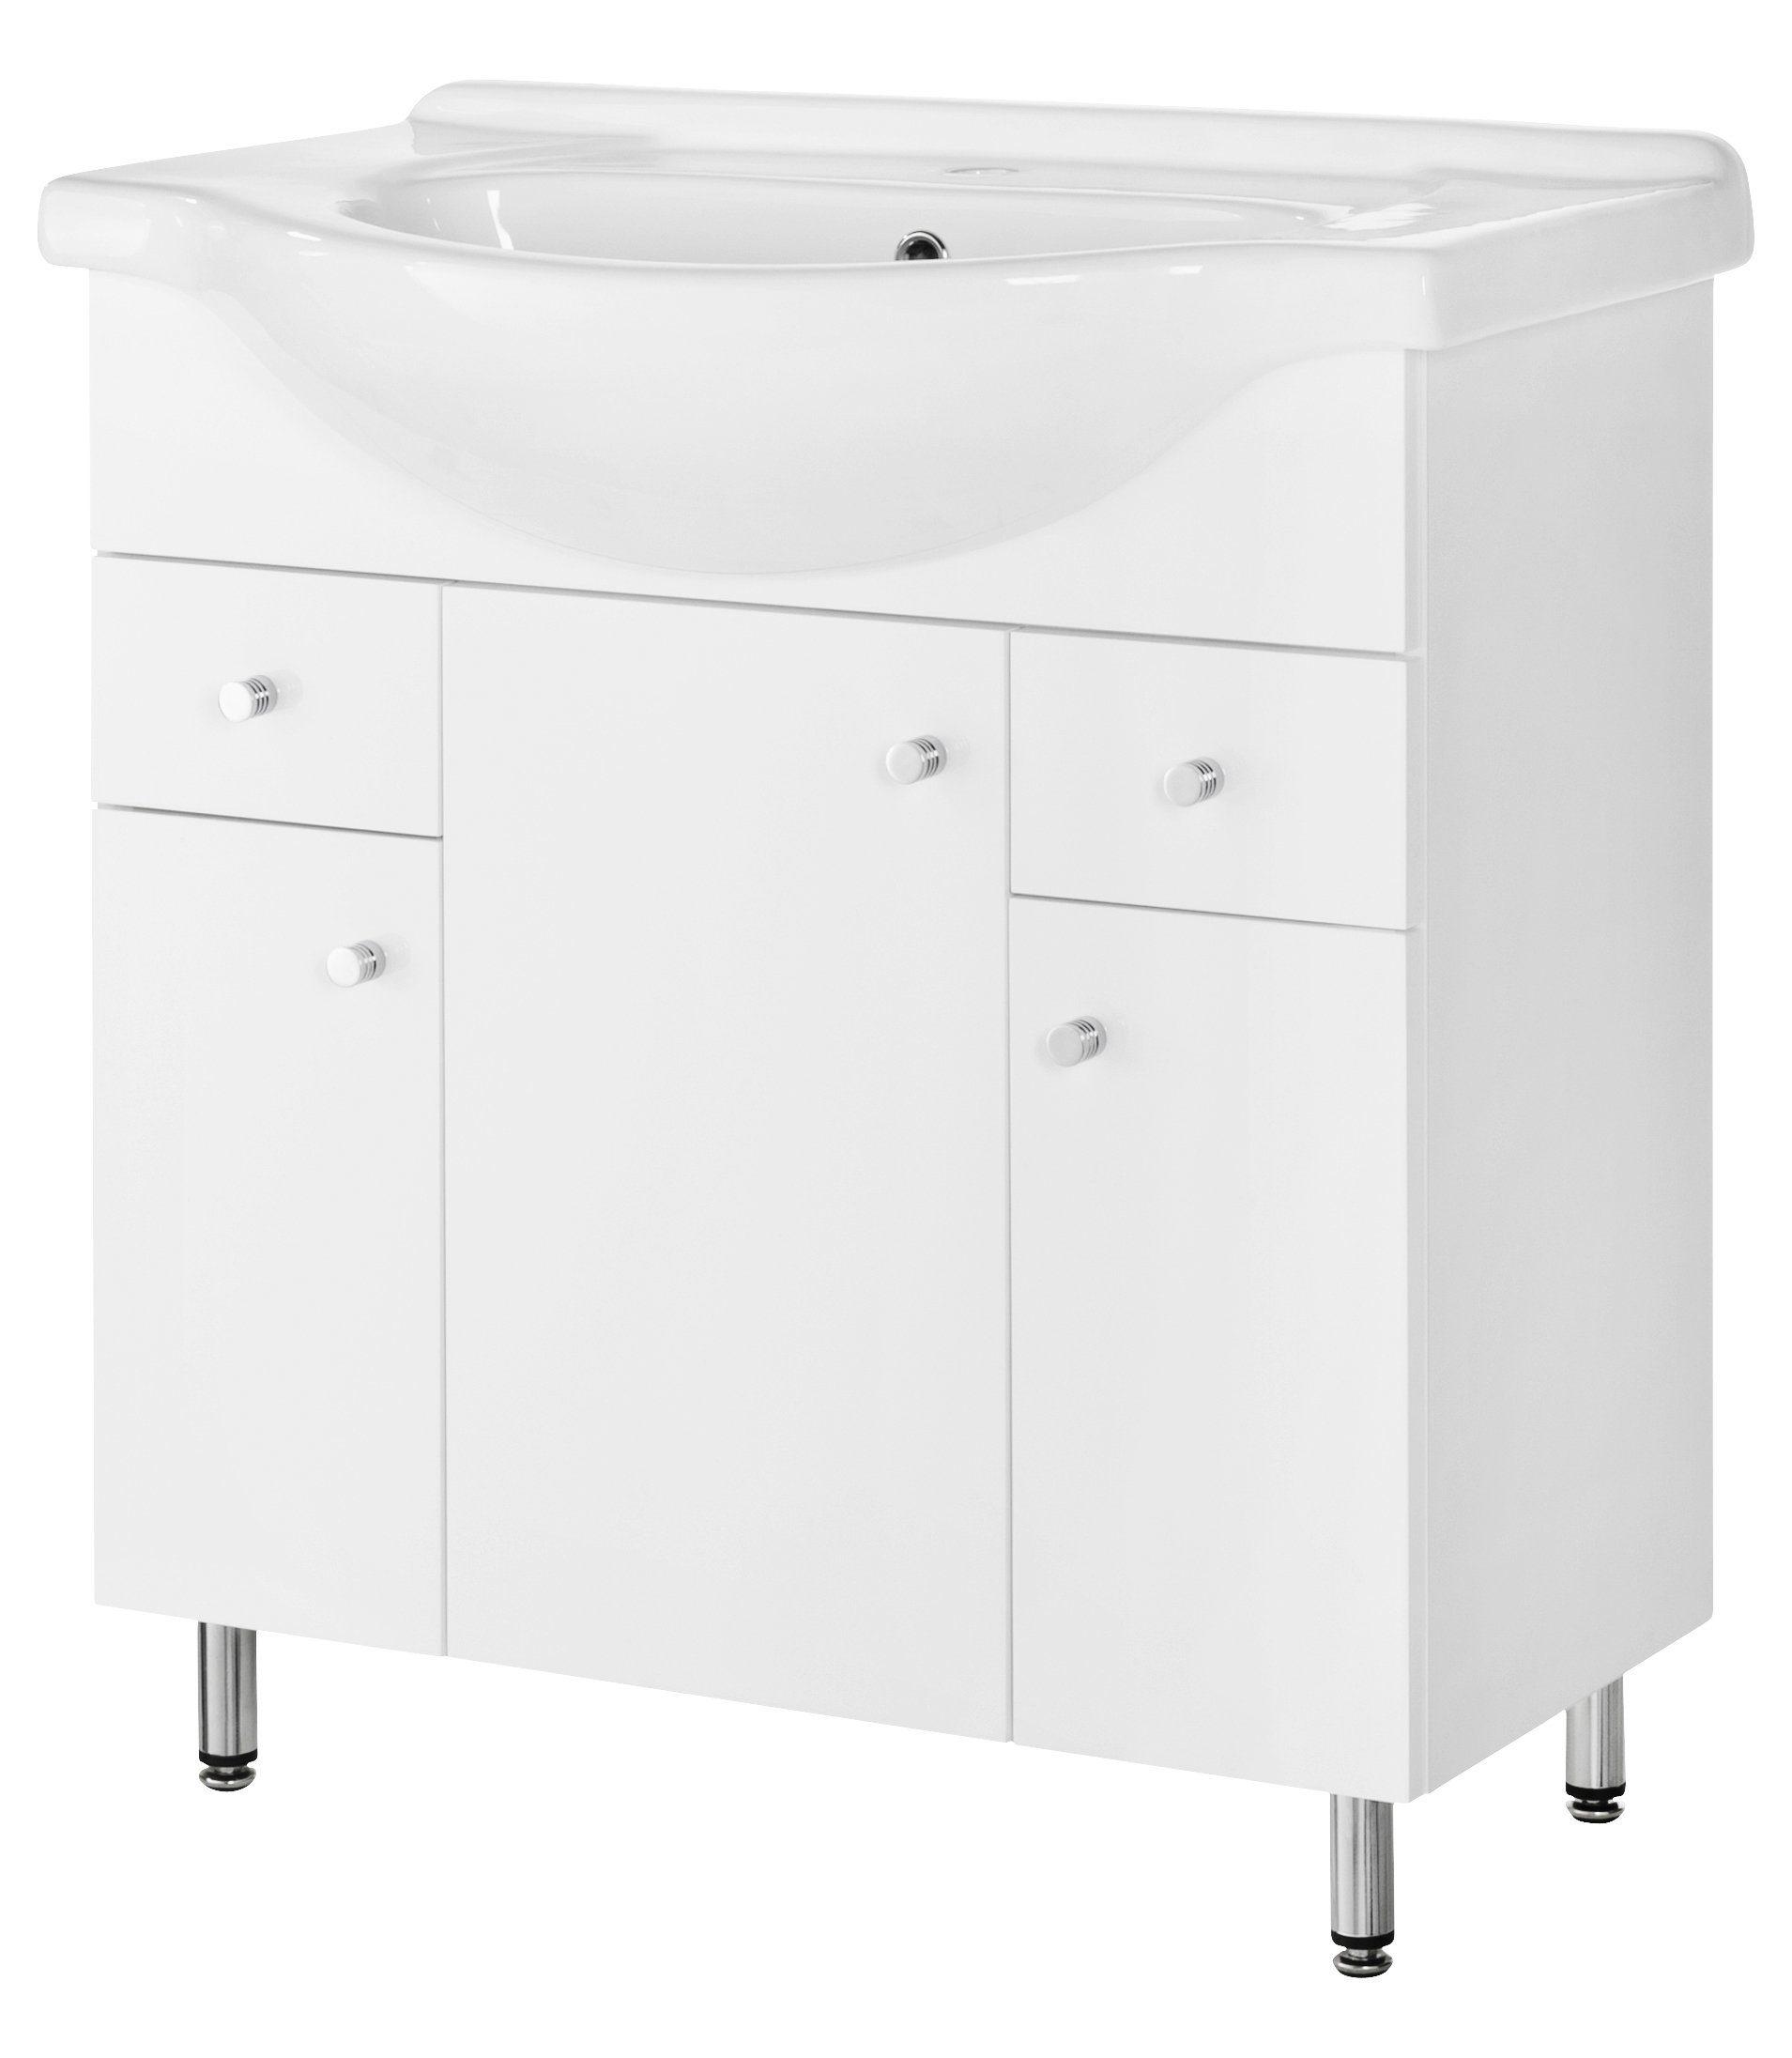 Relativ Waschtisch 70 cm online kaufen | OTTO XI43